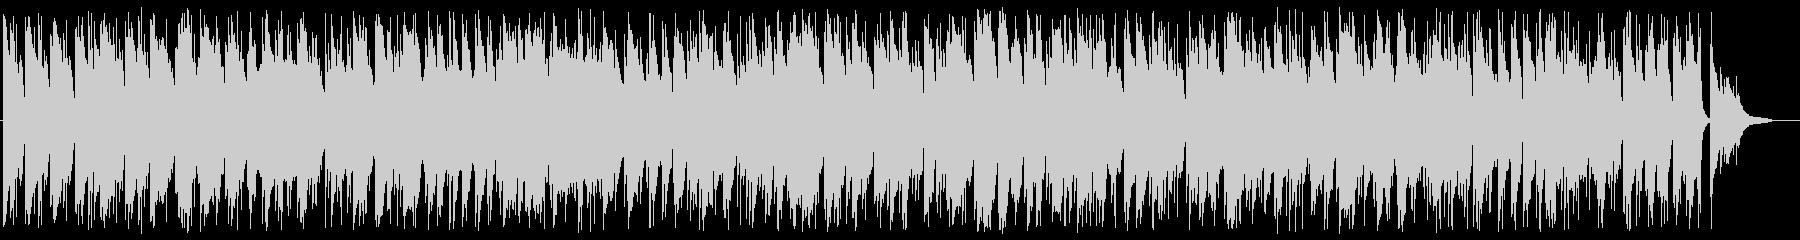 アメイジング・グレイス ボサノバアレンジの未再生の波形